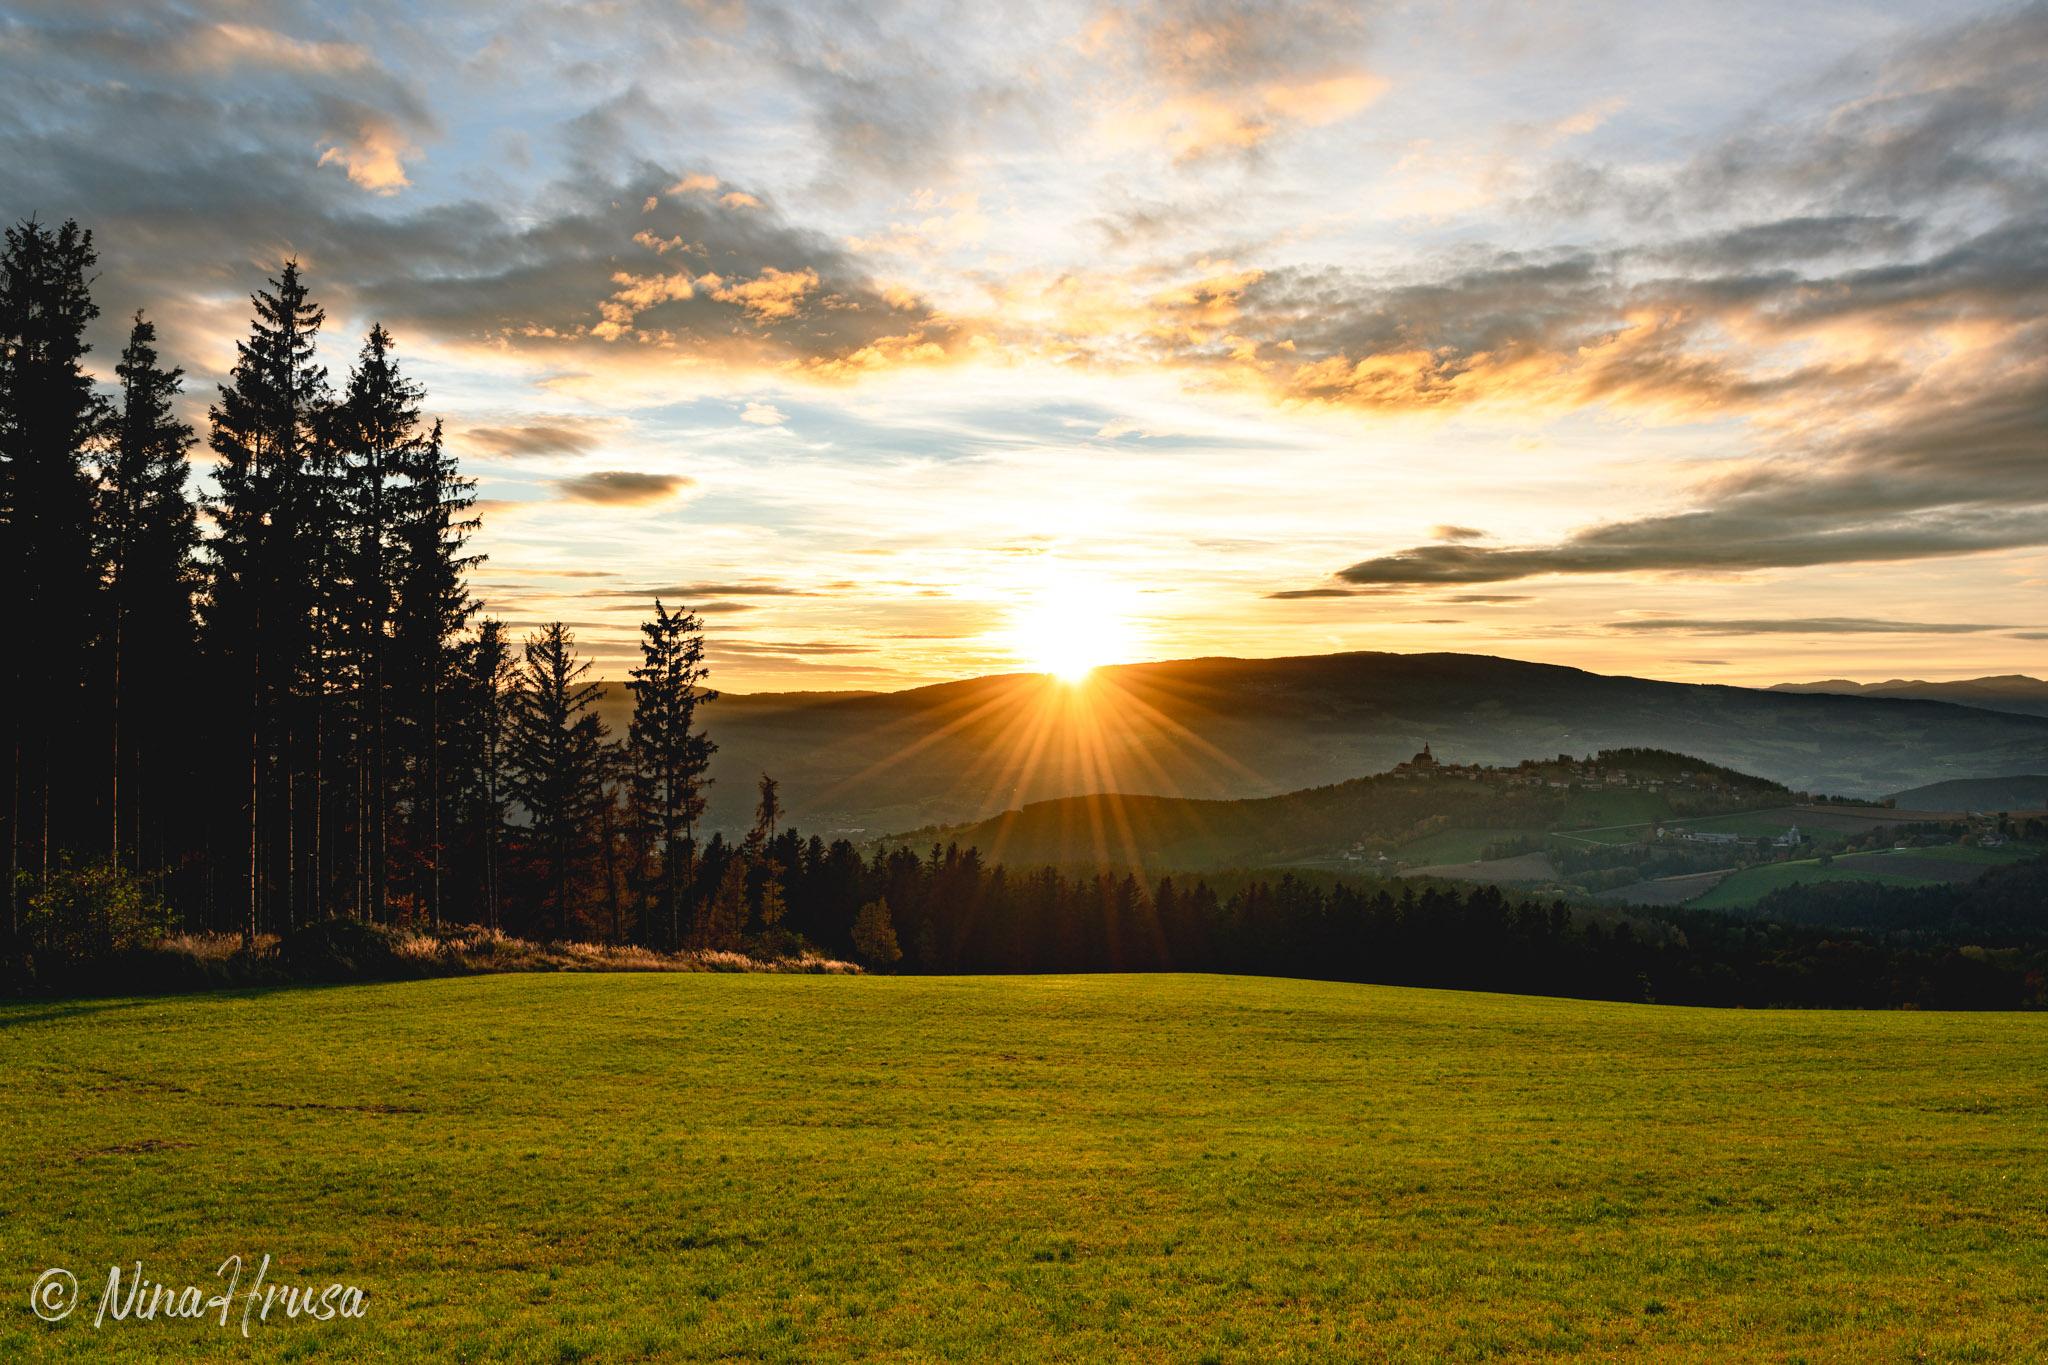 Sonnenuntergang, Pöllauberg, Steiermark, Zwischenmomente | Nina Hrusa Photography